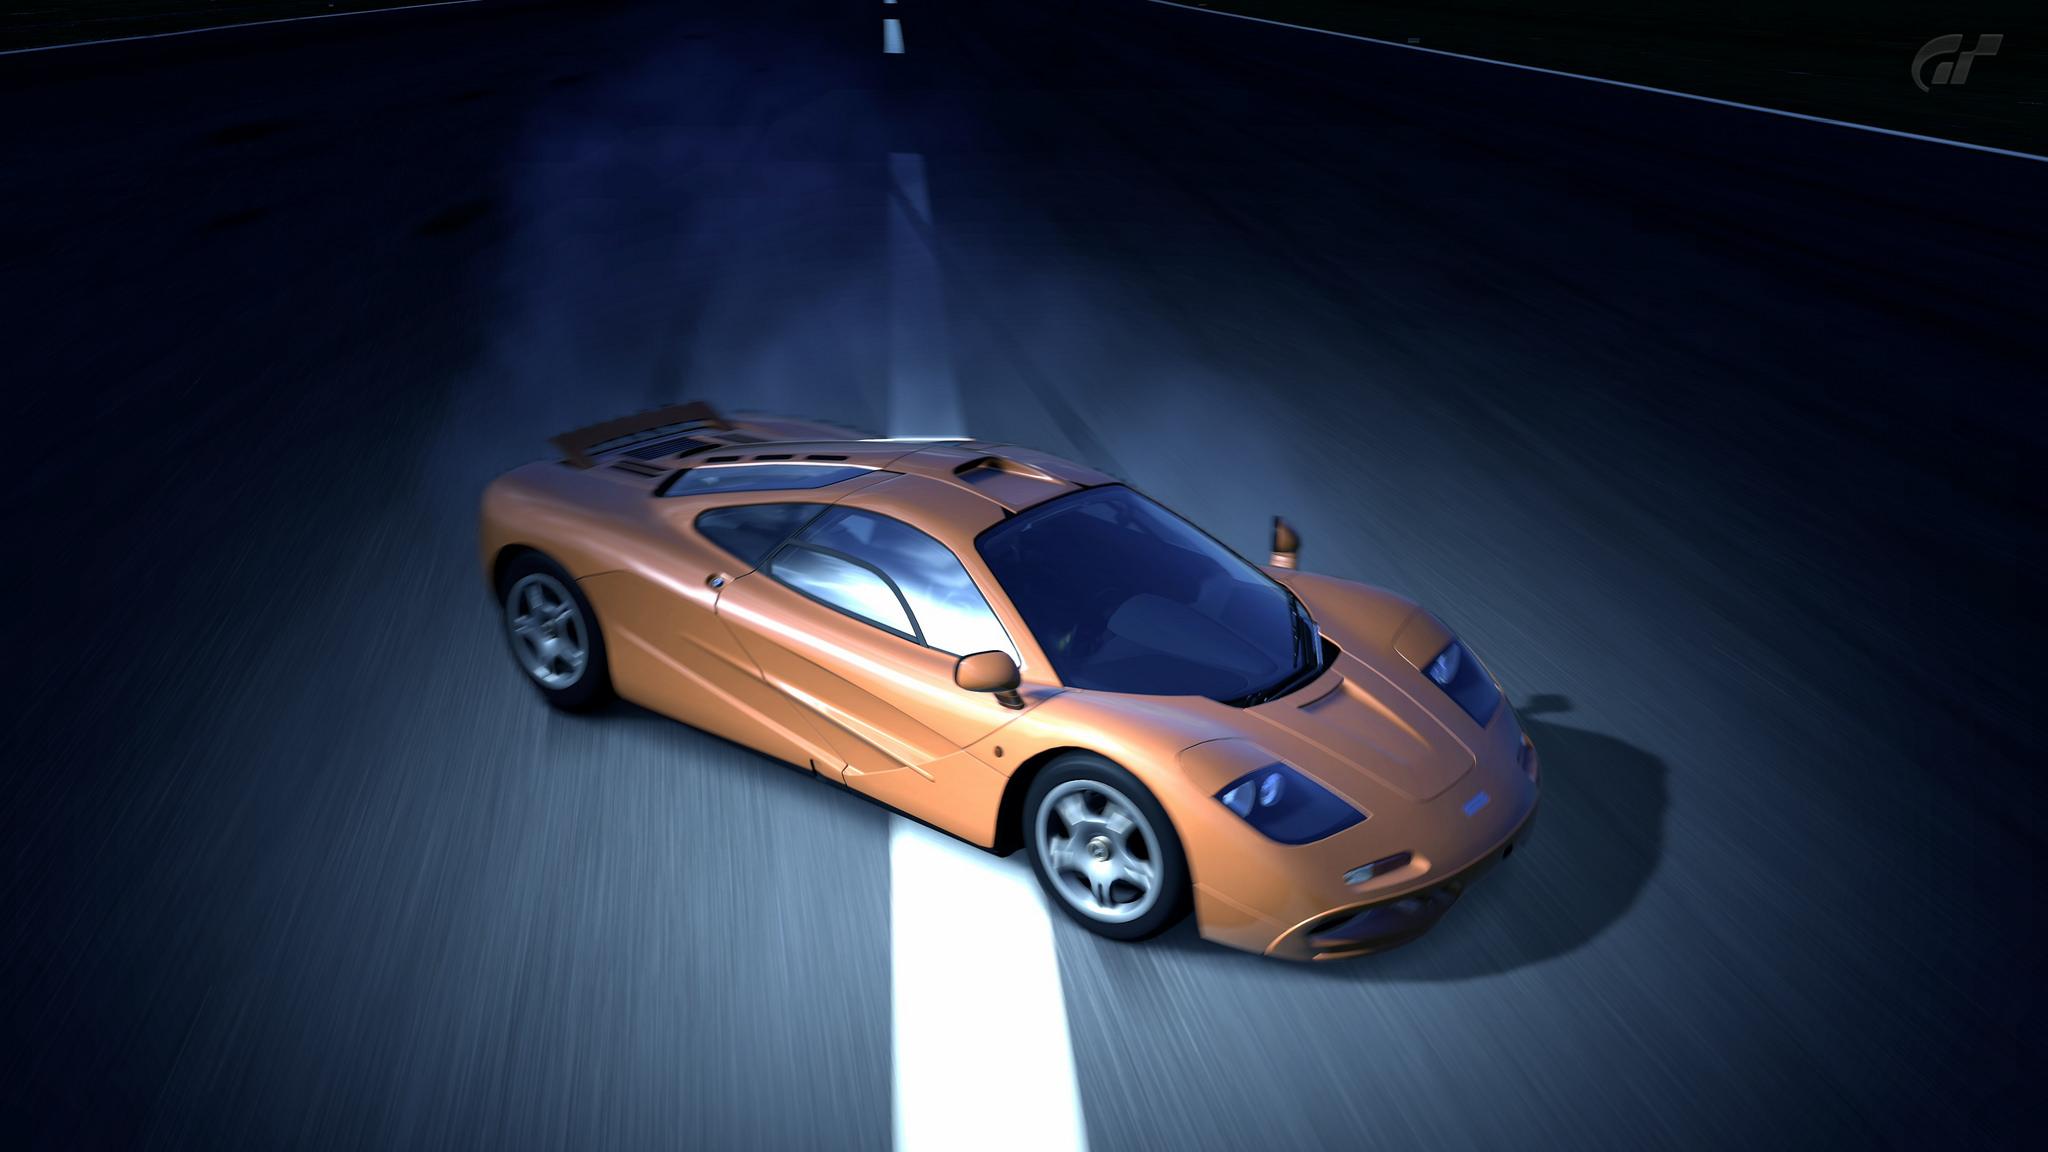 The Apple/McLaren idea actually makes some sense